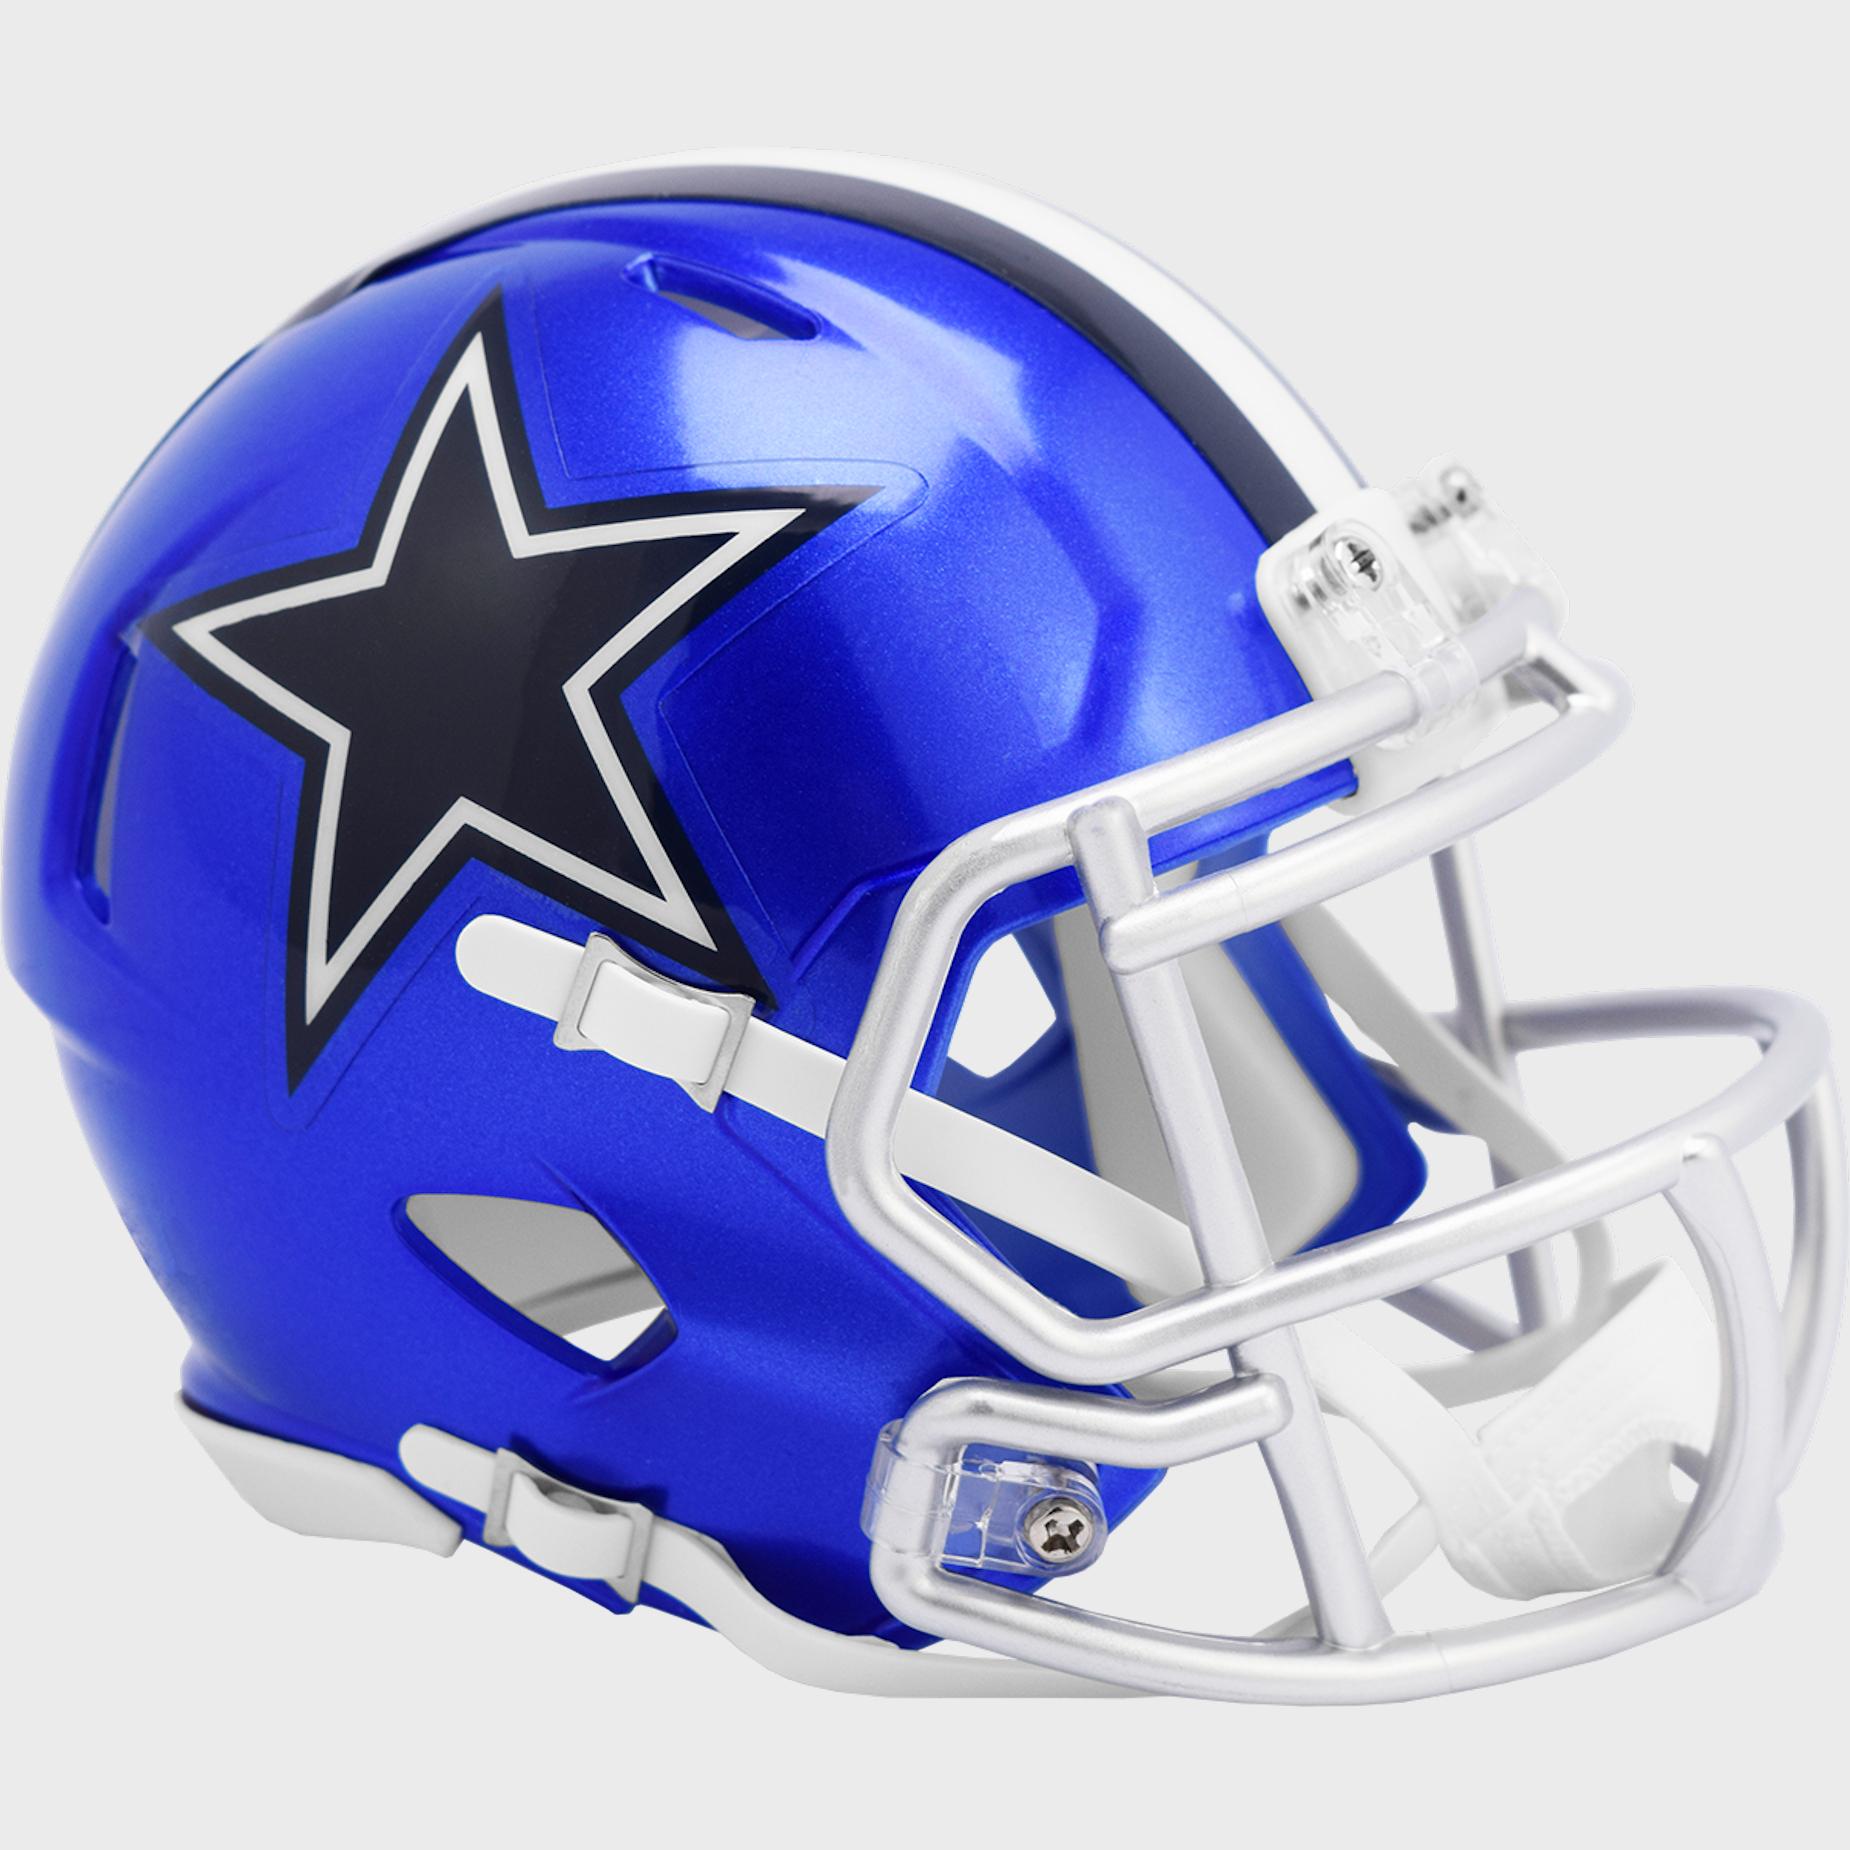 Dallas Cowboys Speed Mini Football Helmet <B>FLASH ESD 8/21/21</B>